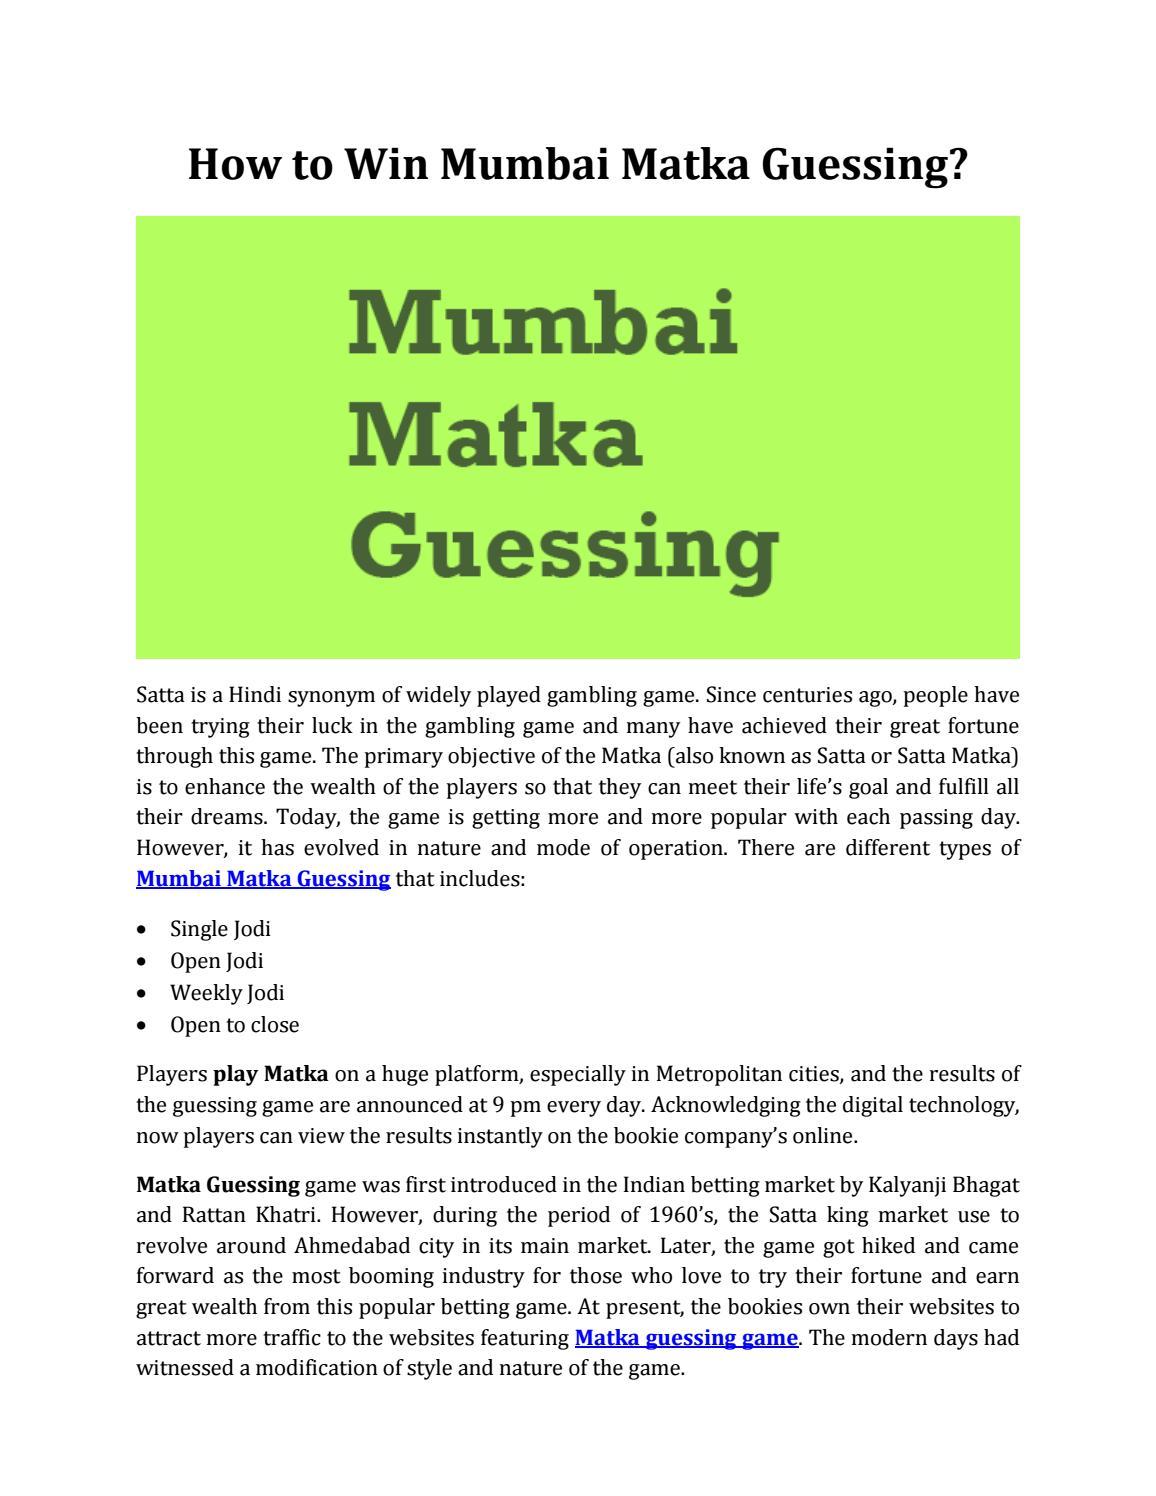 How To Win Mumbai Matka Guessing By Satta Matka King Issuu